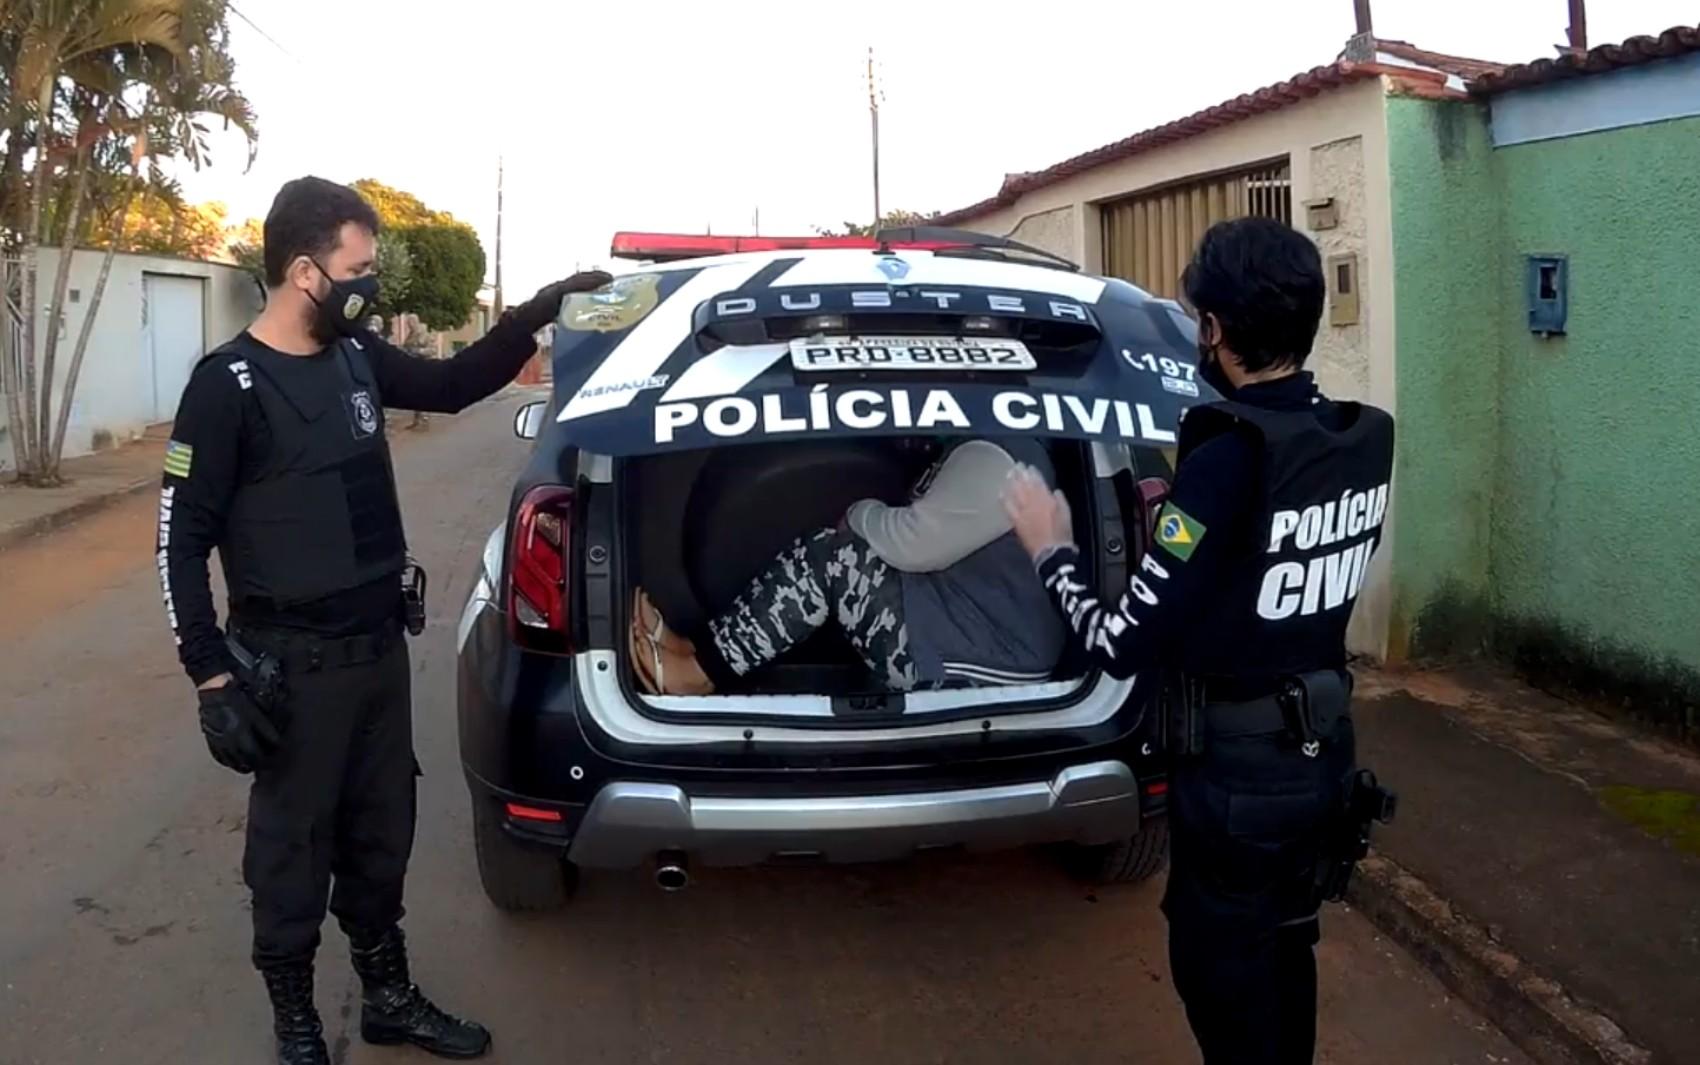 Polícia prende 20 suspeitos de tráfico de drogas em Goianira chefiados por detento